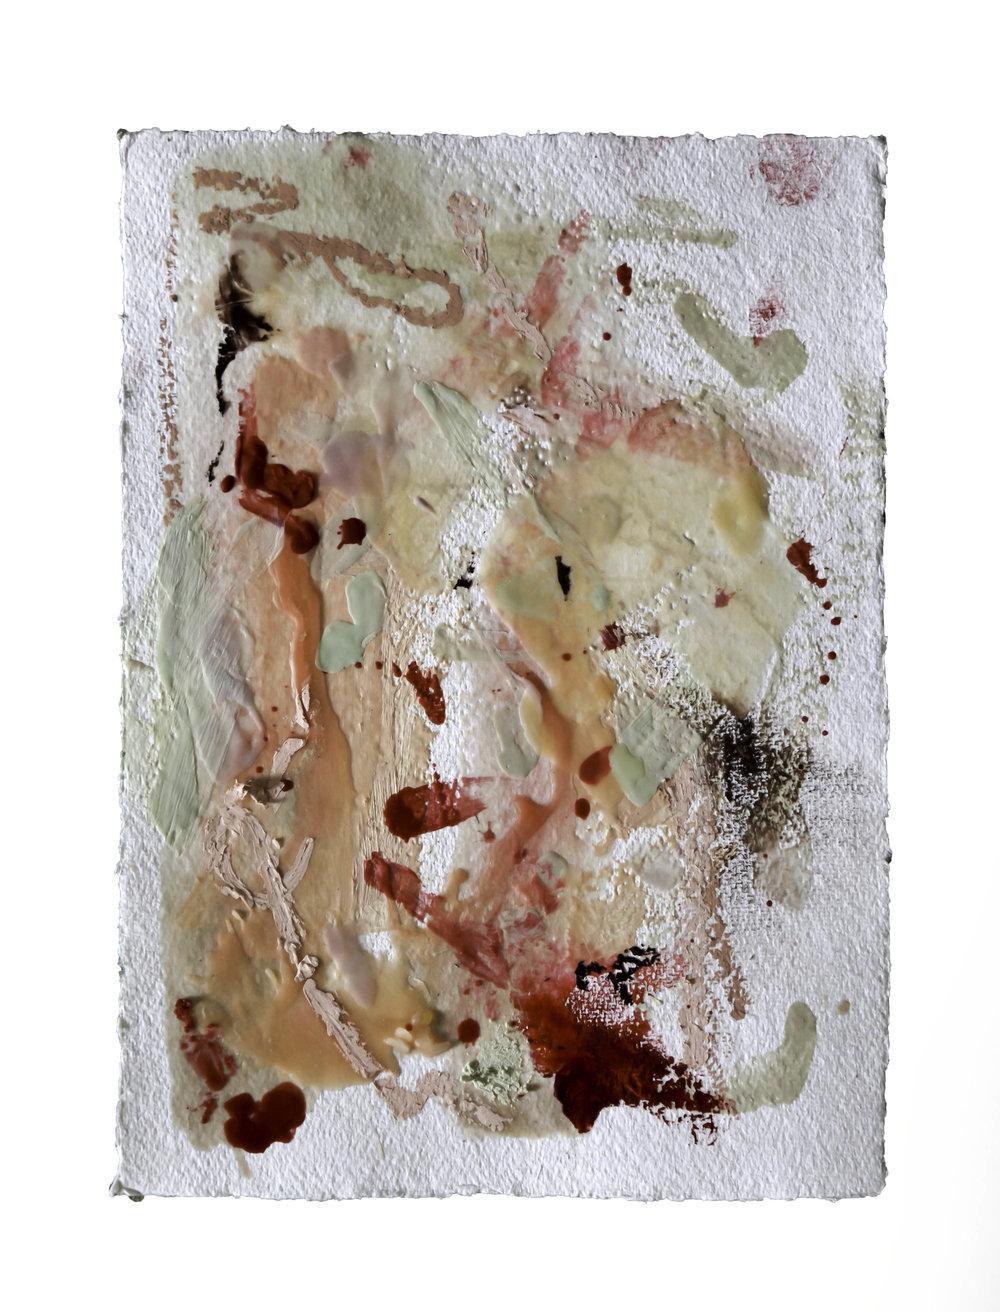 Paleta de Pele #2, 2016. Wax an oil on paper, 32 x 24 inches (81 x 61 cm).